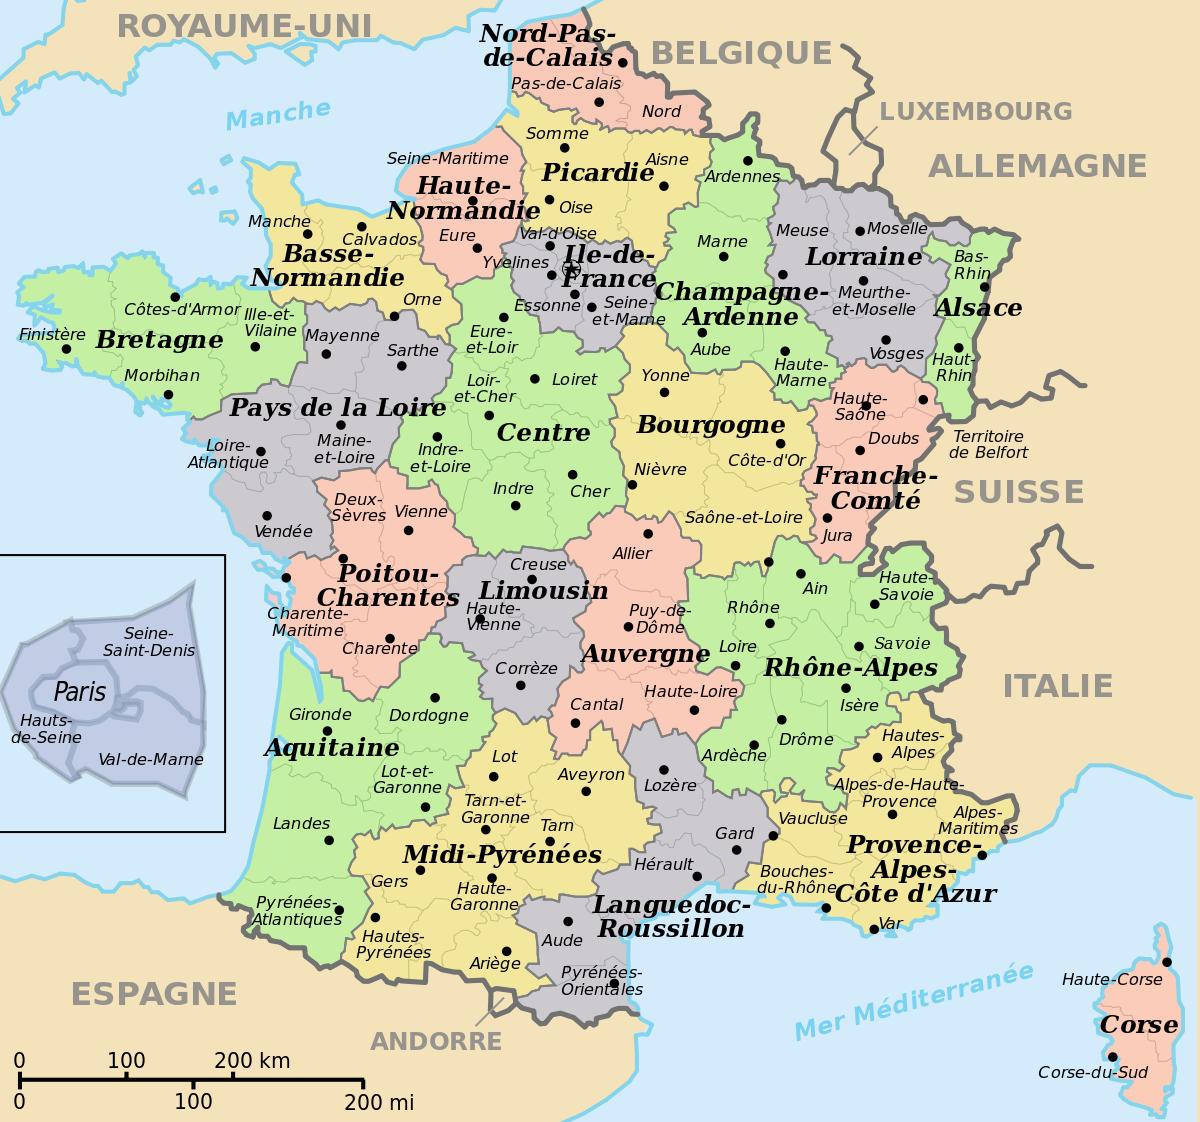 Fichier:départements+Régions (France).svg — Wikipédia concernant Carte De France Avec Département